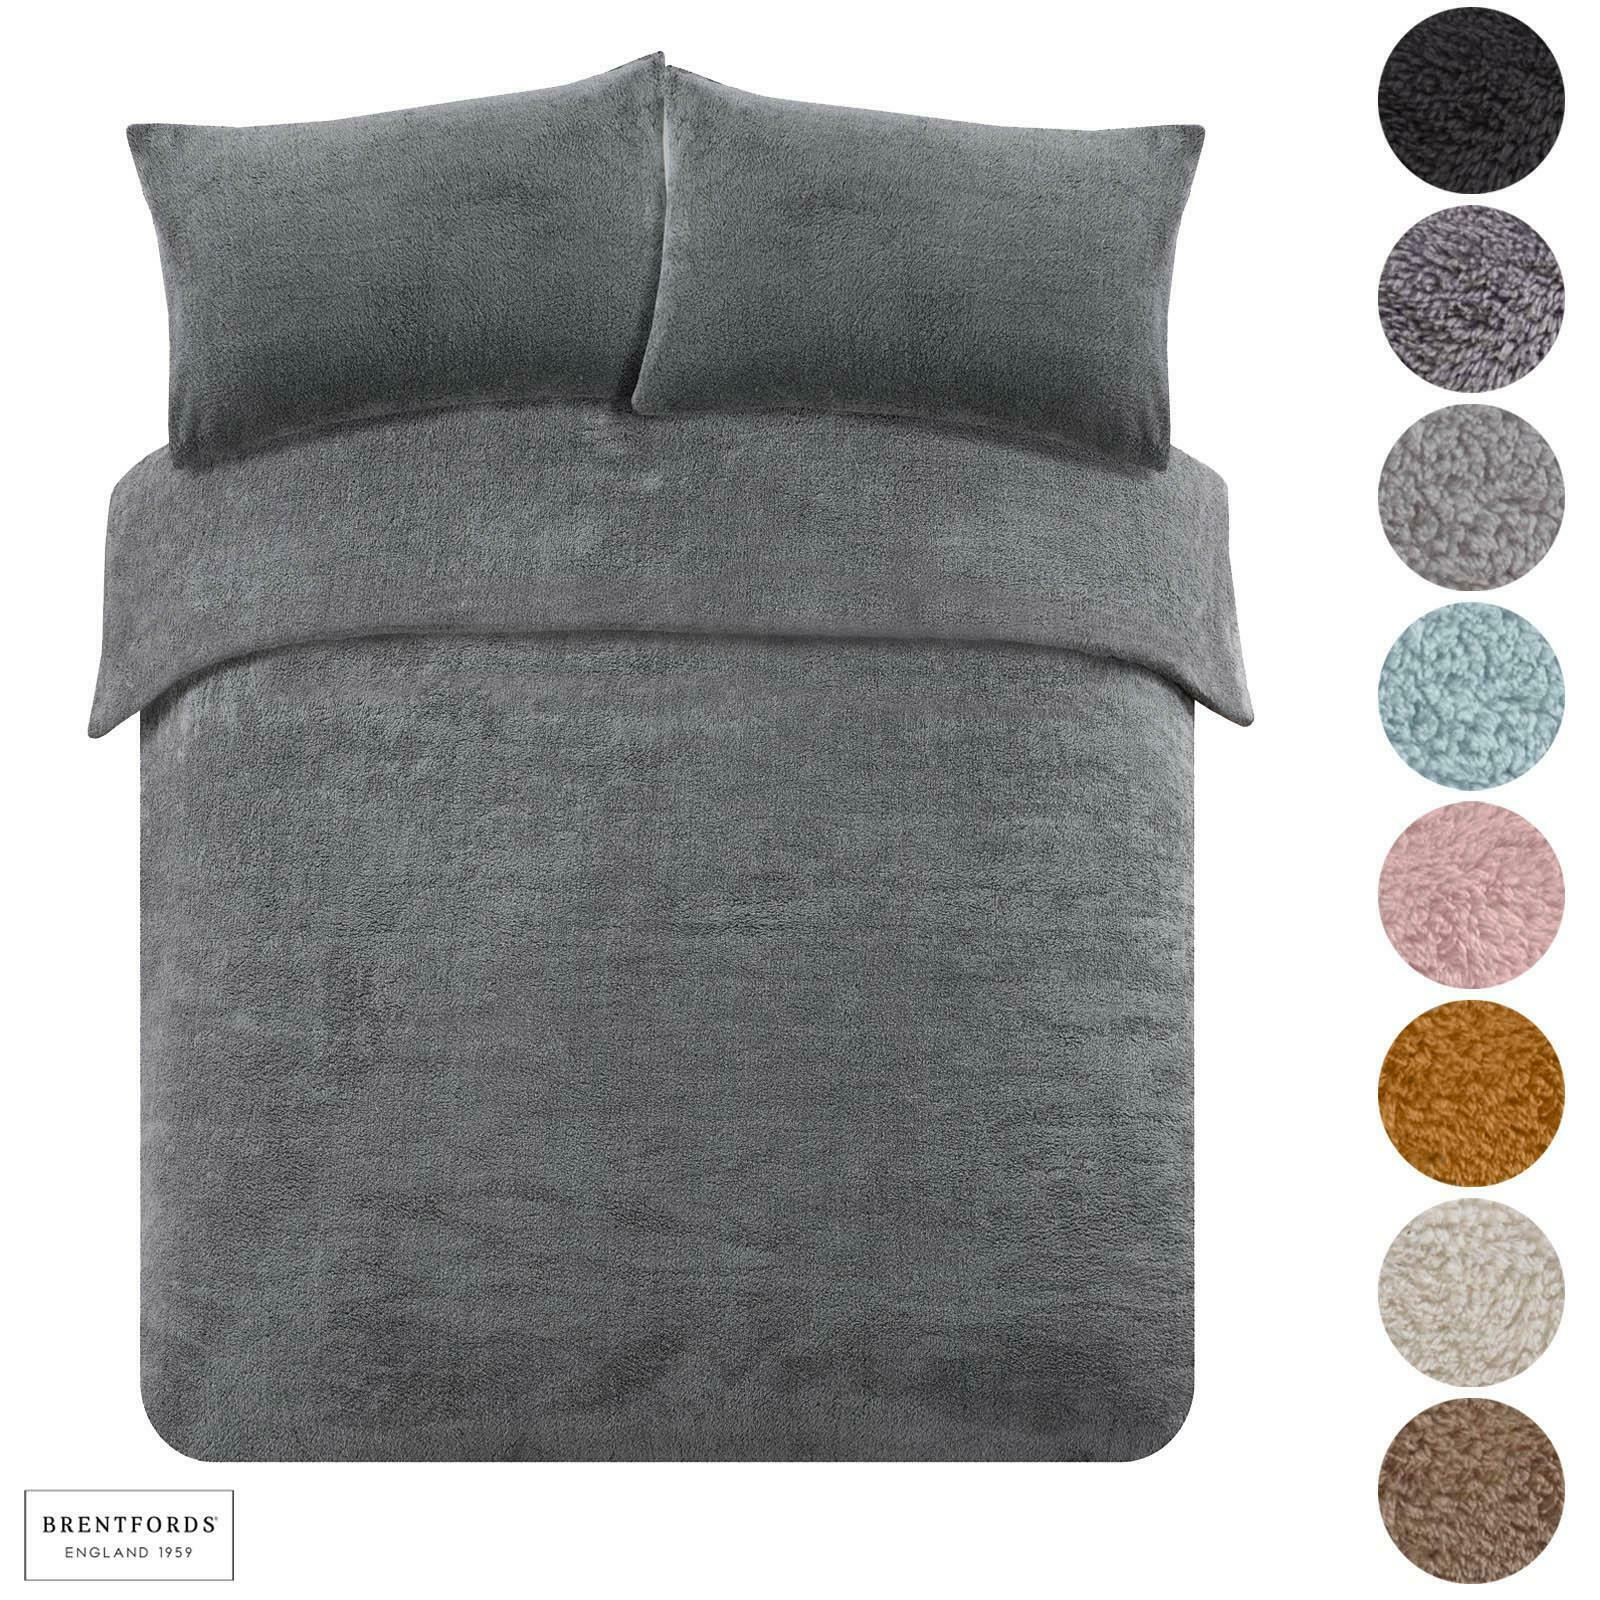 Brentfords Teddy Fleece Thermal Warm Single-SuperKing Bedding Sets 8 Colours £13-£20 Delivered onlinehomeshop/eBay